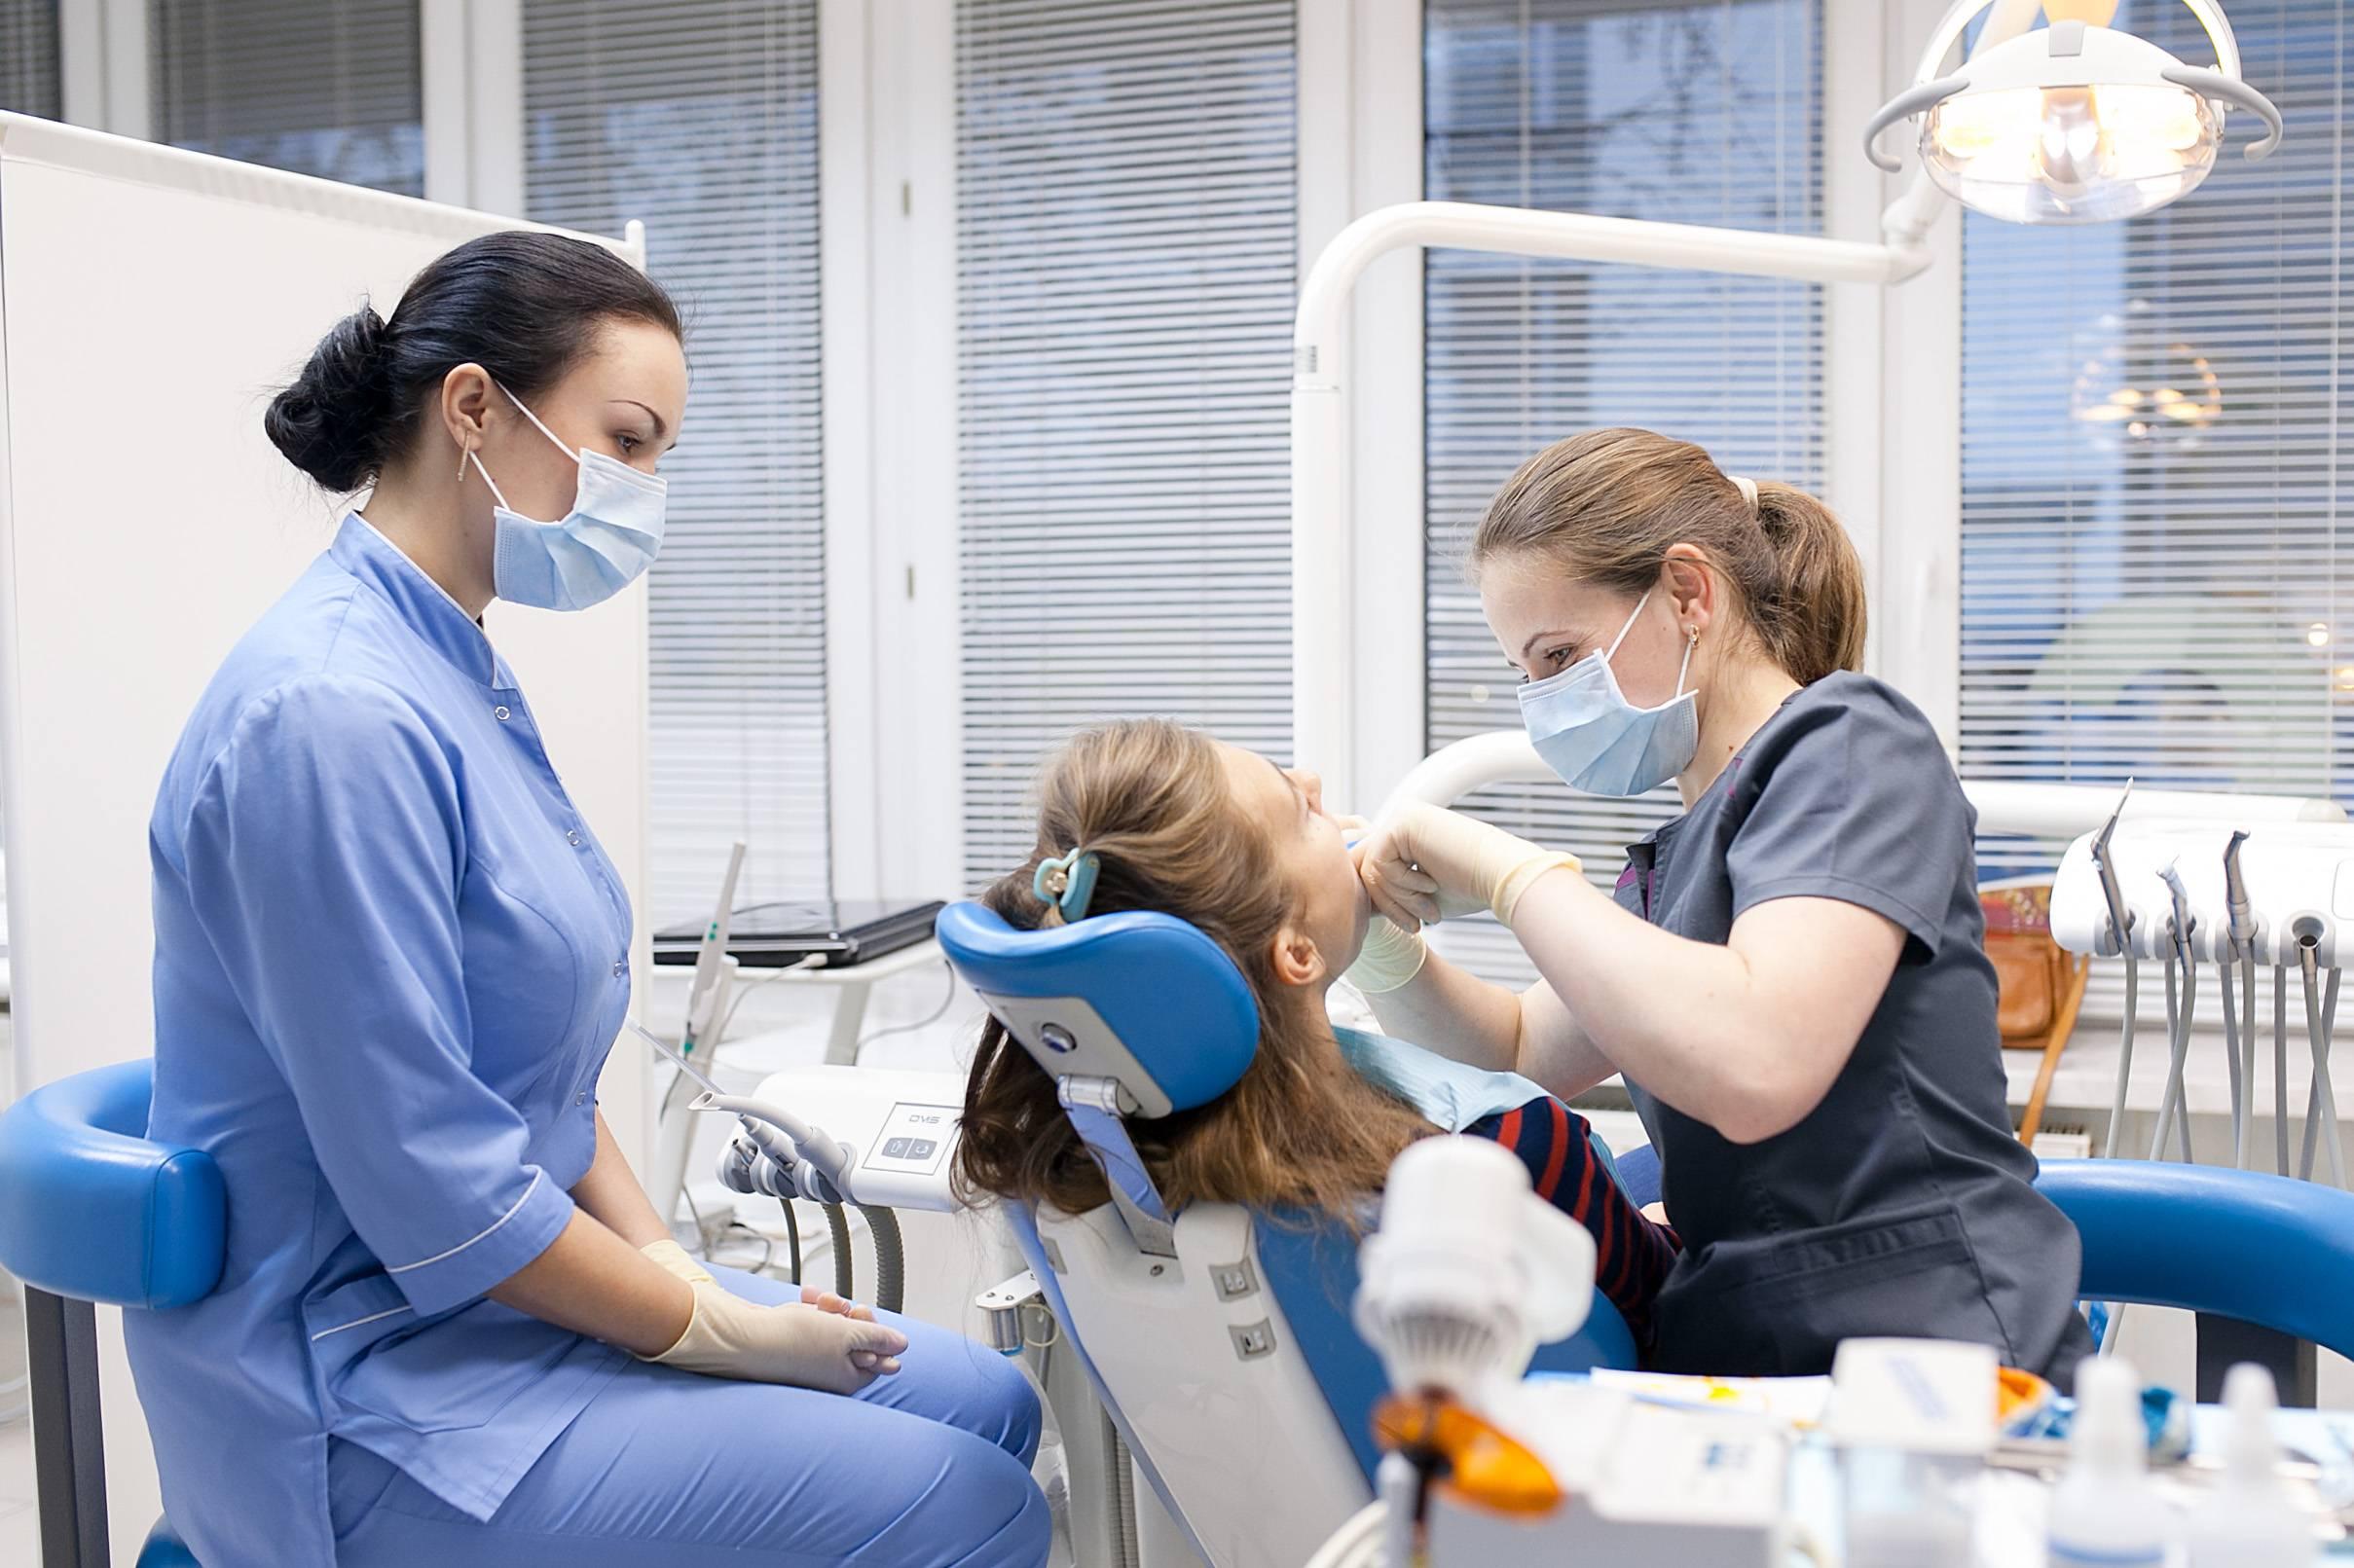 Стоматология в германии – лечение и протезирование зубов, цены | alenmedconsult